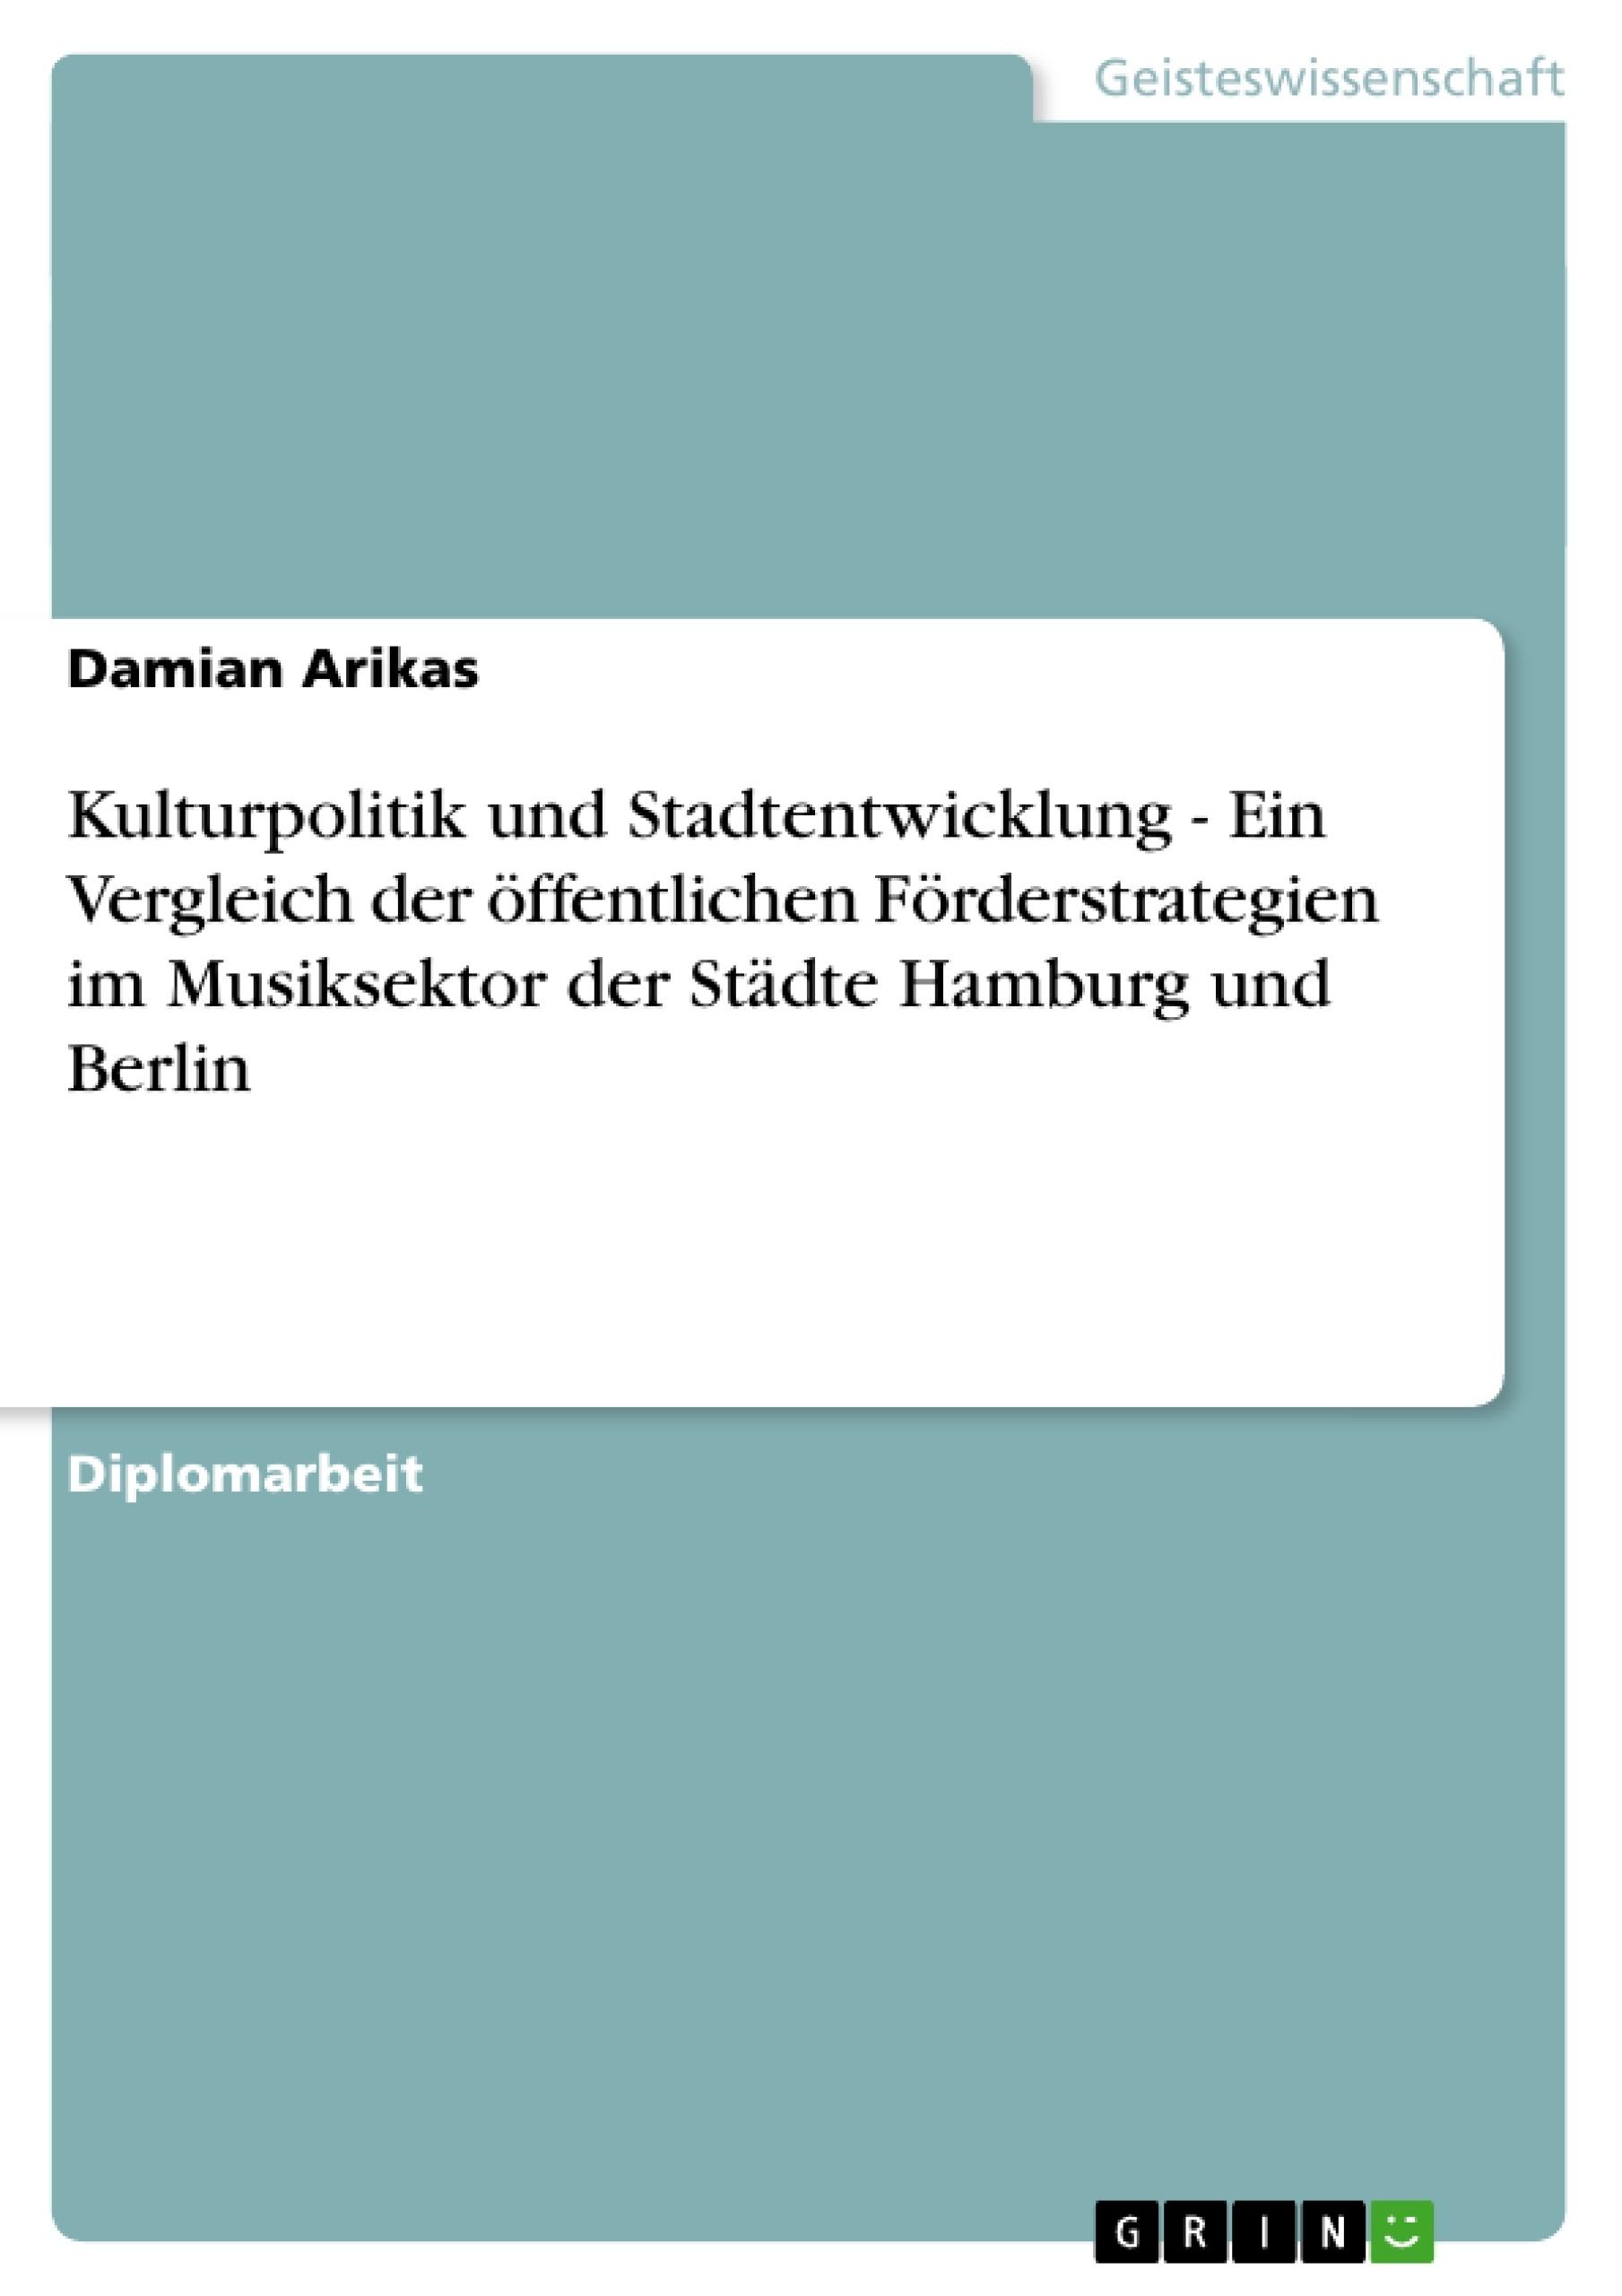 Titel: Kulturpolitik und Stadtentwicklung - Ein Vergleich der öffentlichen Förderstrategien im Musiksektor der Städte Hamburg und Berlin